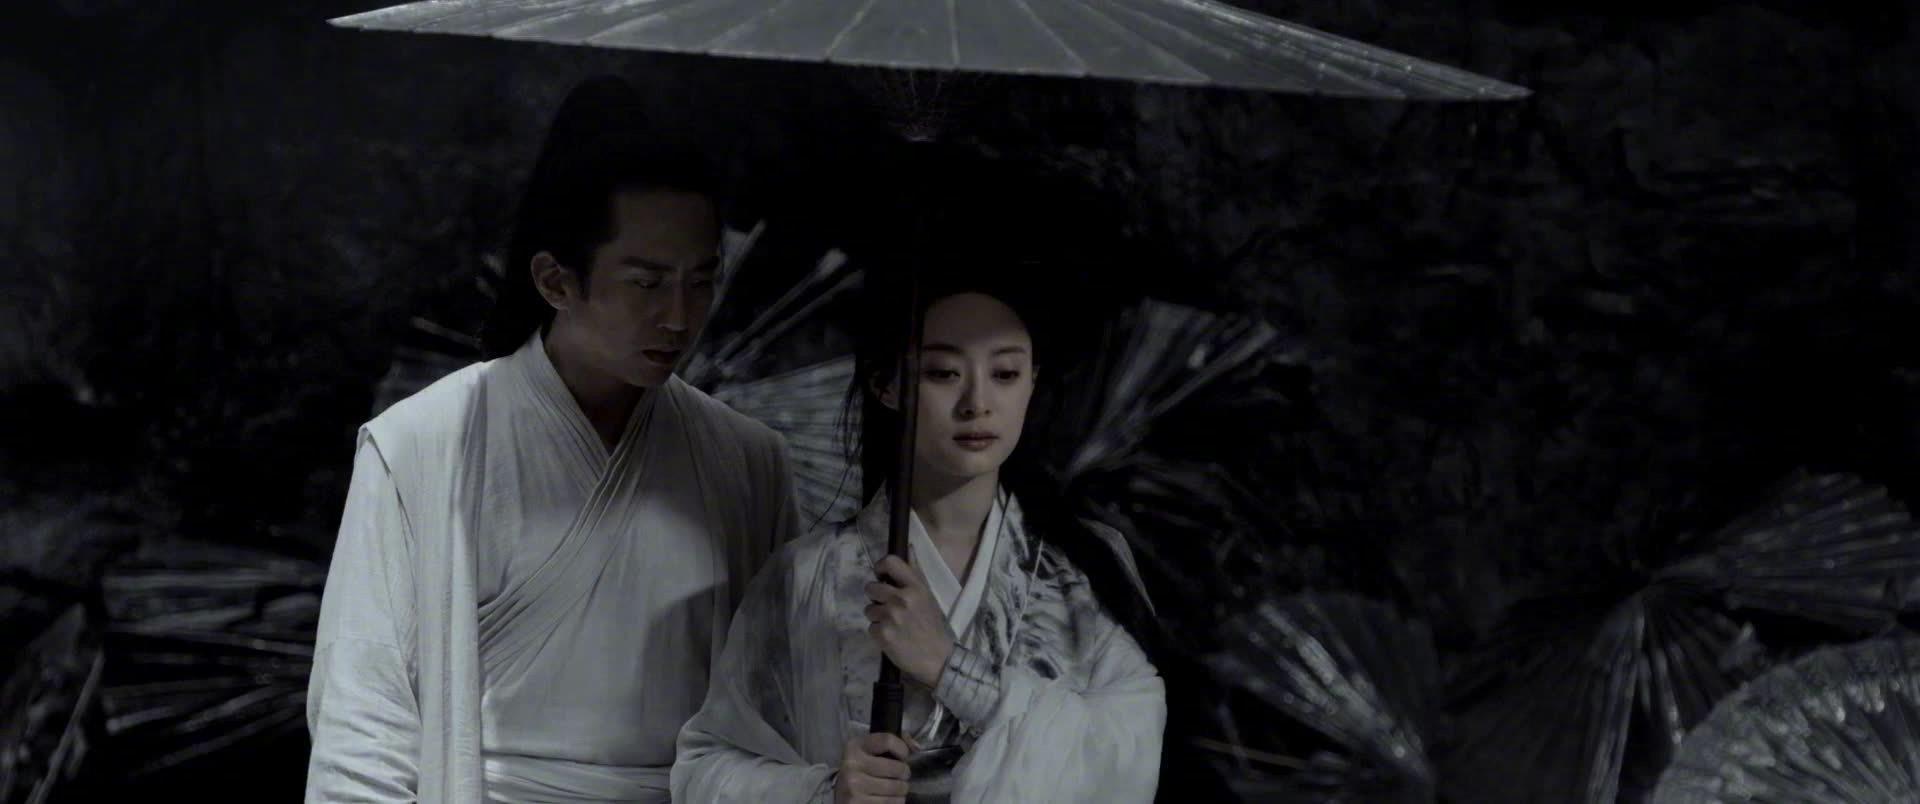 《影》中沛伞名场面,邓超孙俪运伞的武术动作镜头很美很有意境~